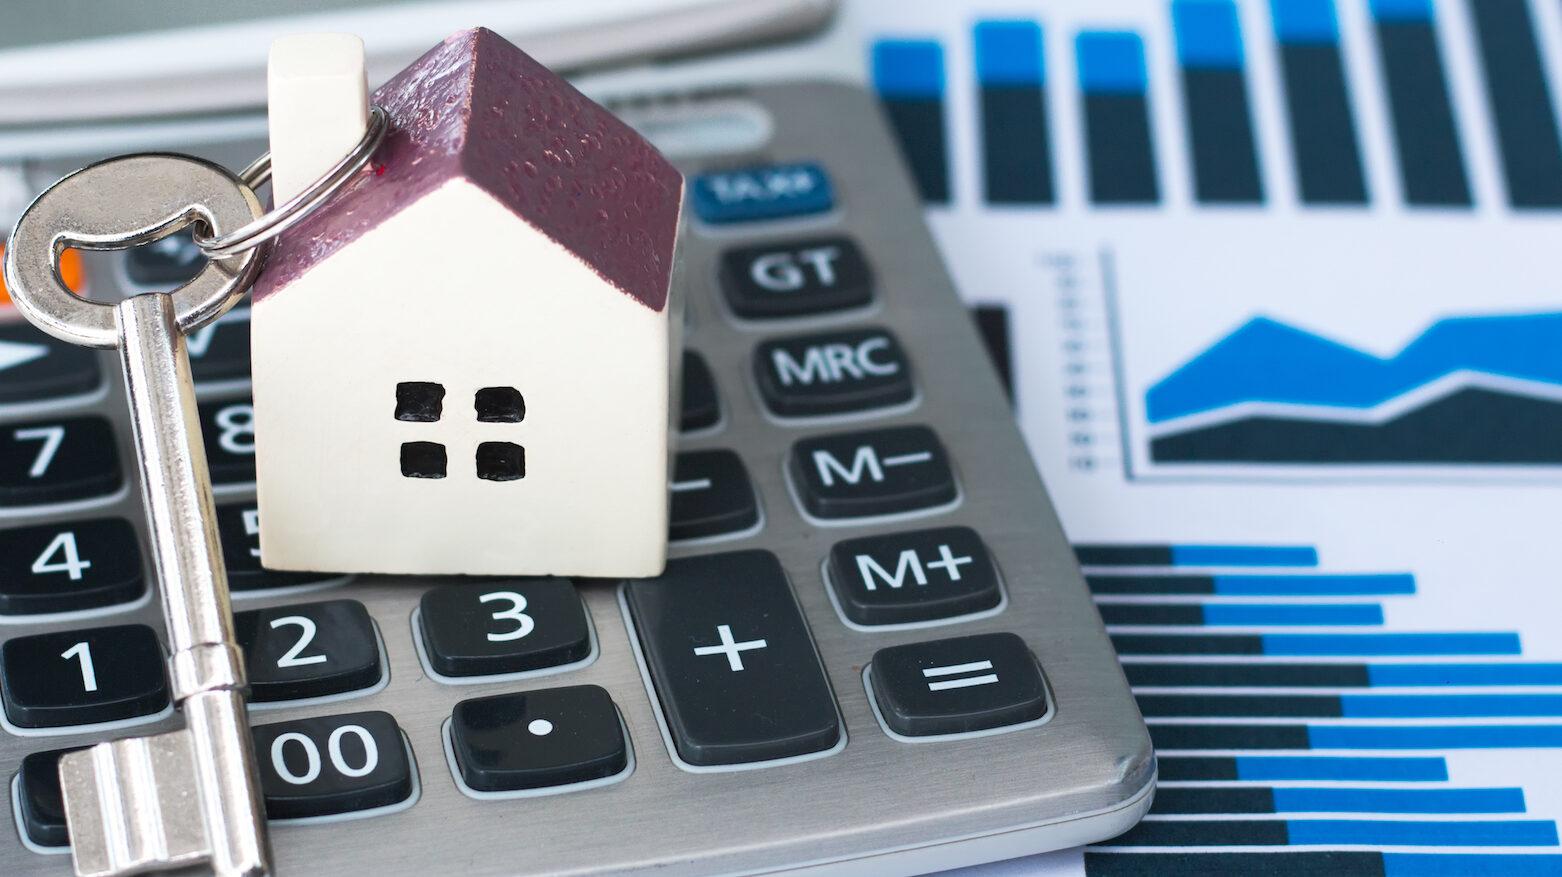 Housing market is headed for a slowdown say Fannie, Freddie